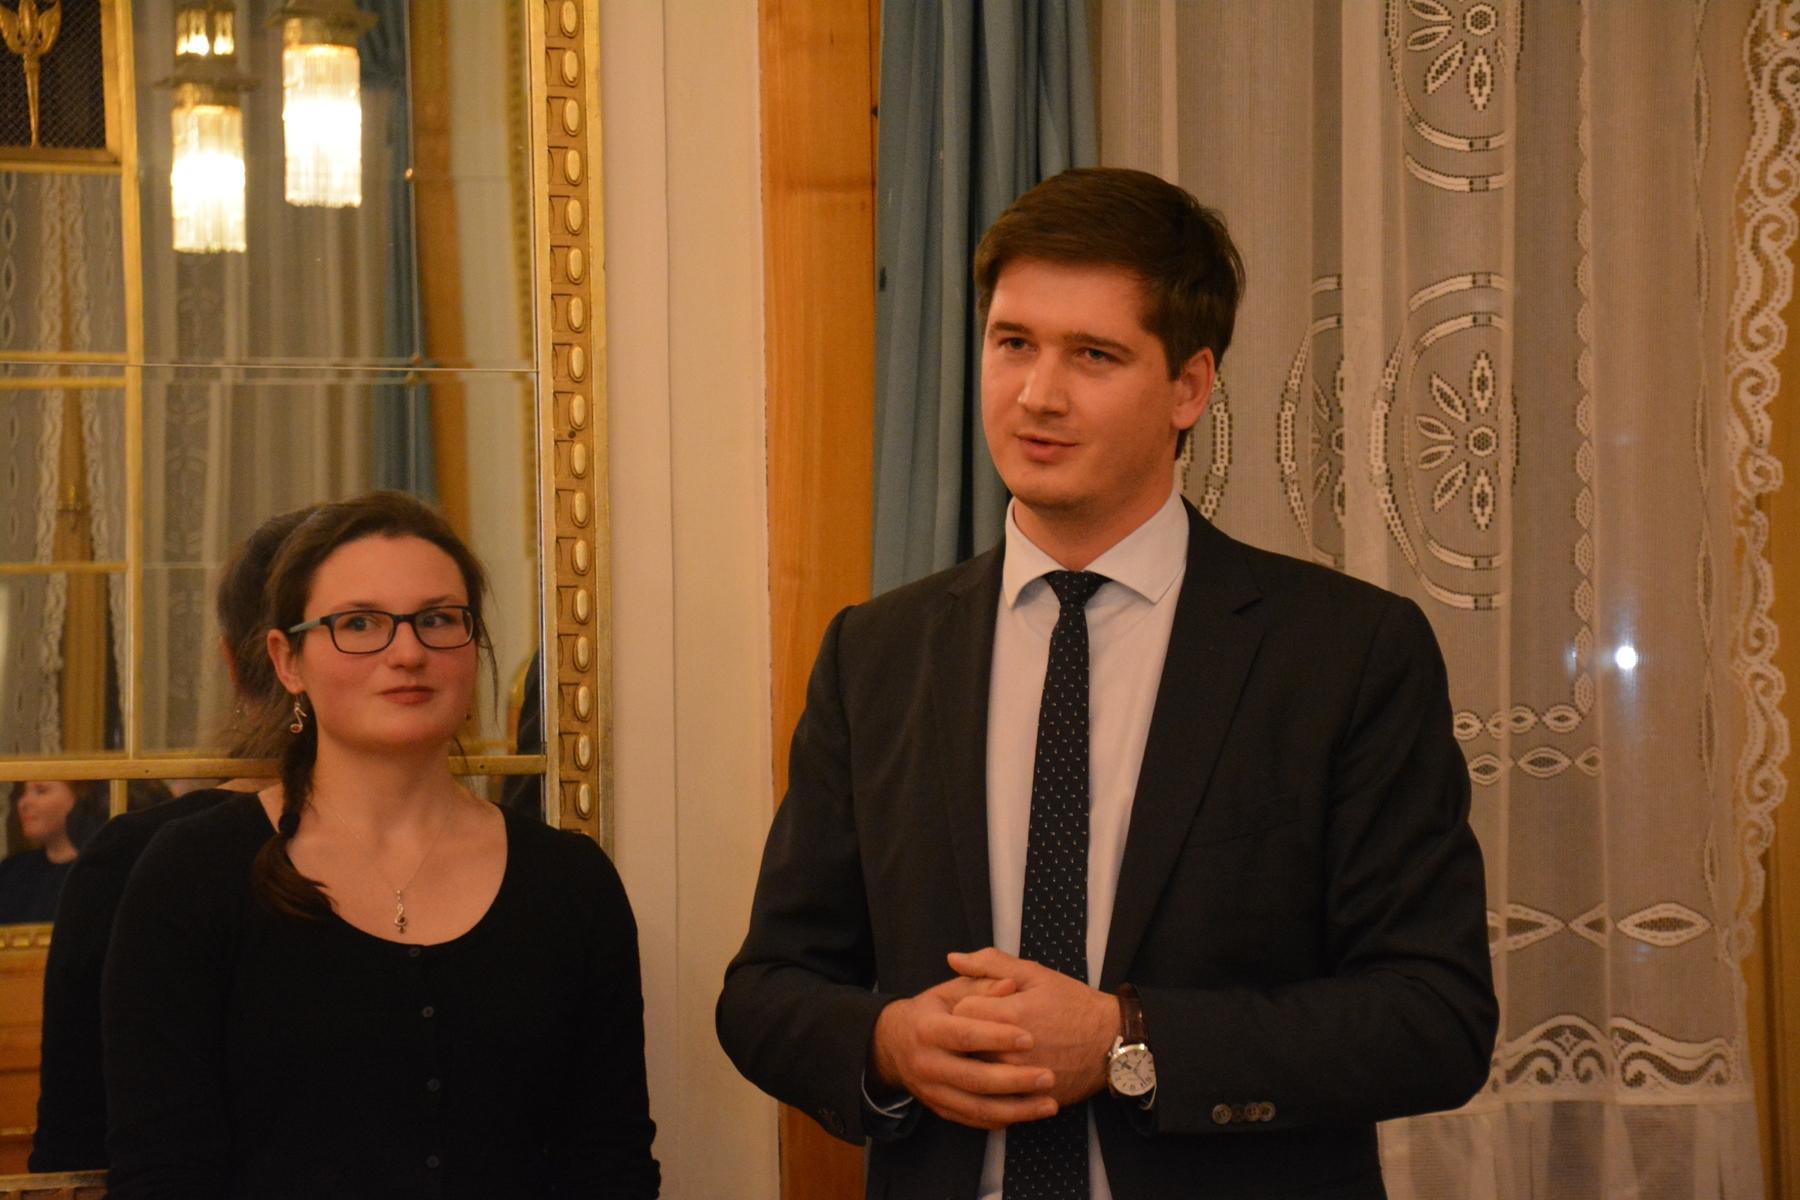 Спецслужбы подозревают и. о. главы Россотрудничества в Чехии в перевозке рицина для покушения на мэра Праги